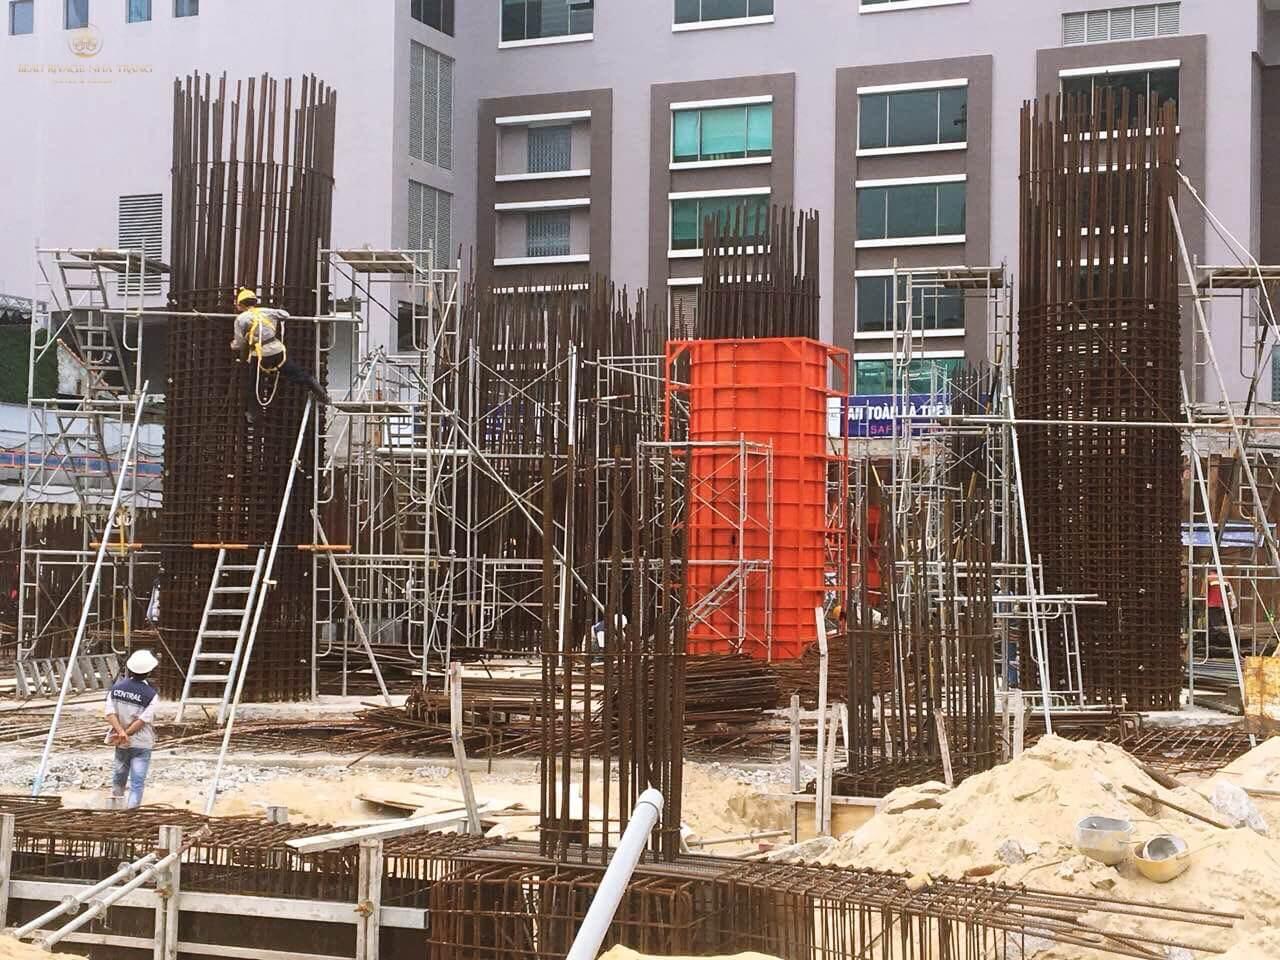 Hình ảnh thực tế dự án 40 Trần Phú đang đổ cột của tầng 1